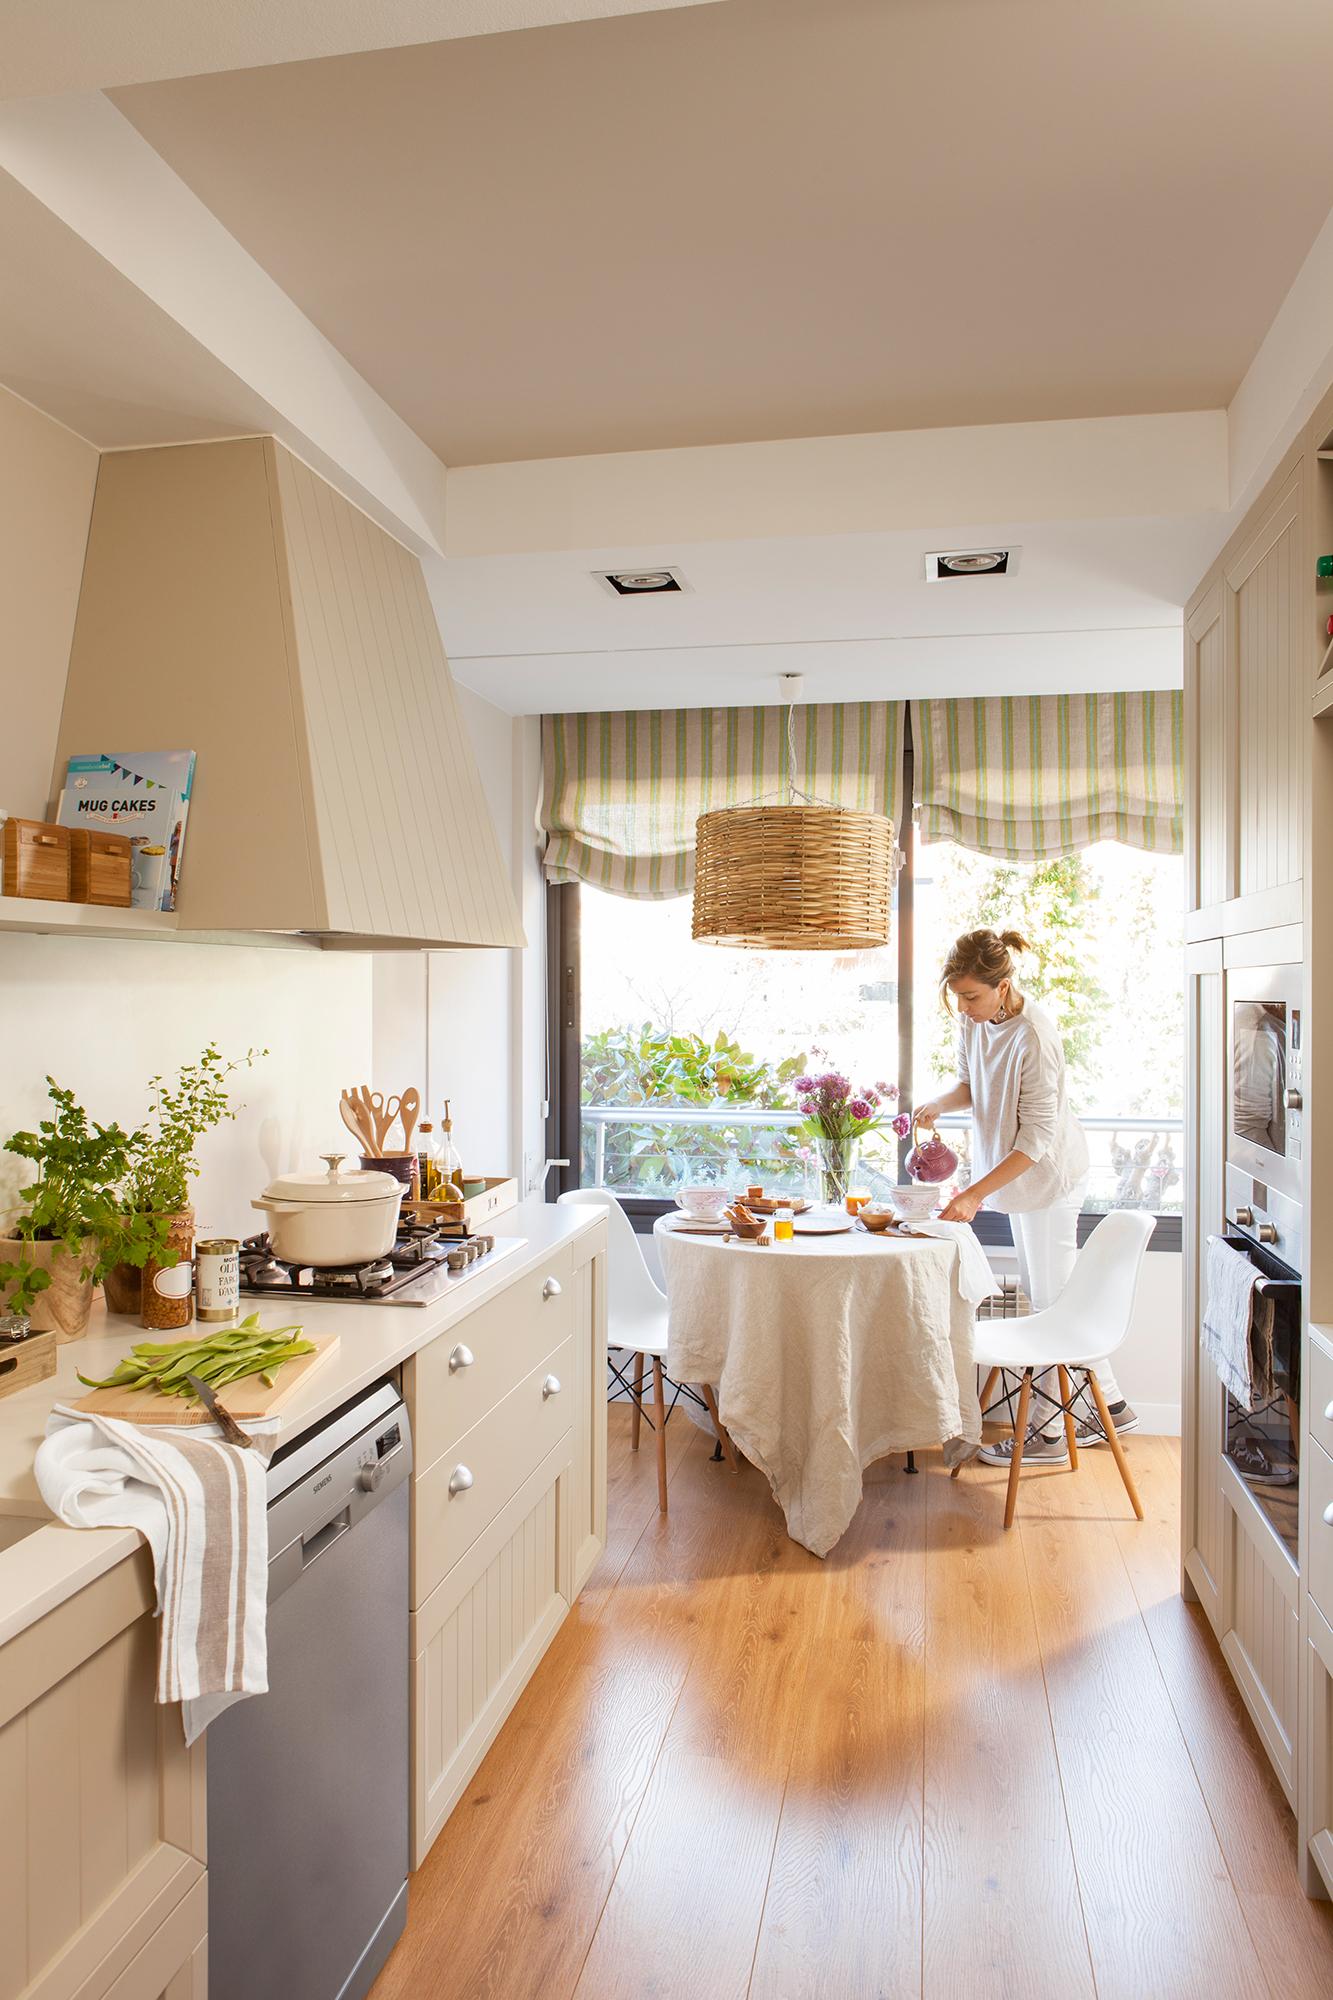 Amueblar cocina alargada y estrecha beautiful una cocina for Amueblar cocina estrecha